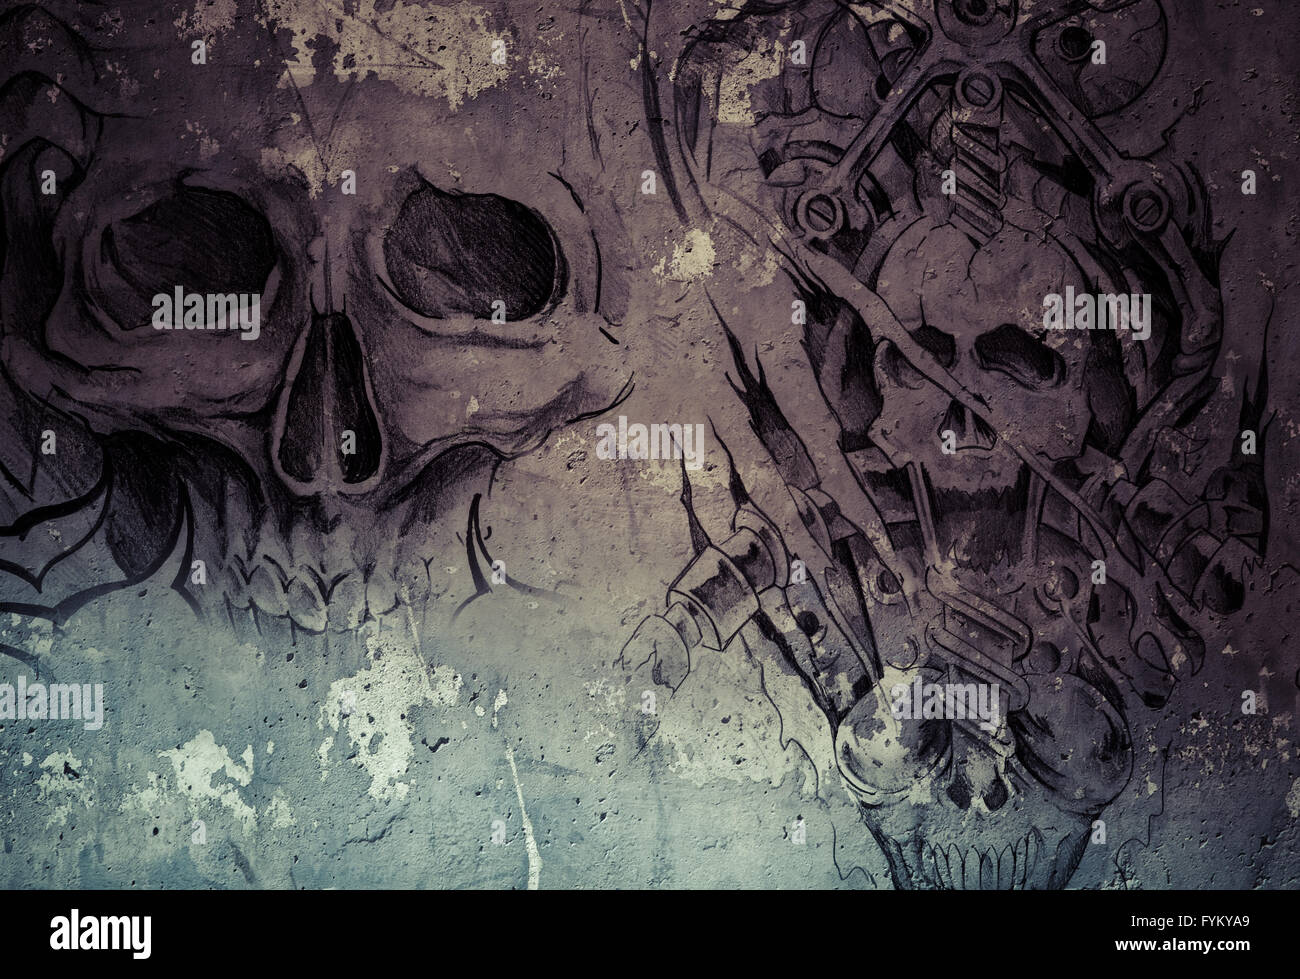 L'art du tatouage,2 démons biomécaniques sur fond gris, Sketch Banque D'Images